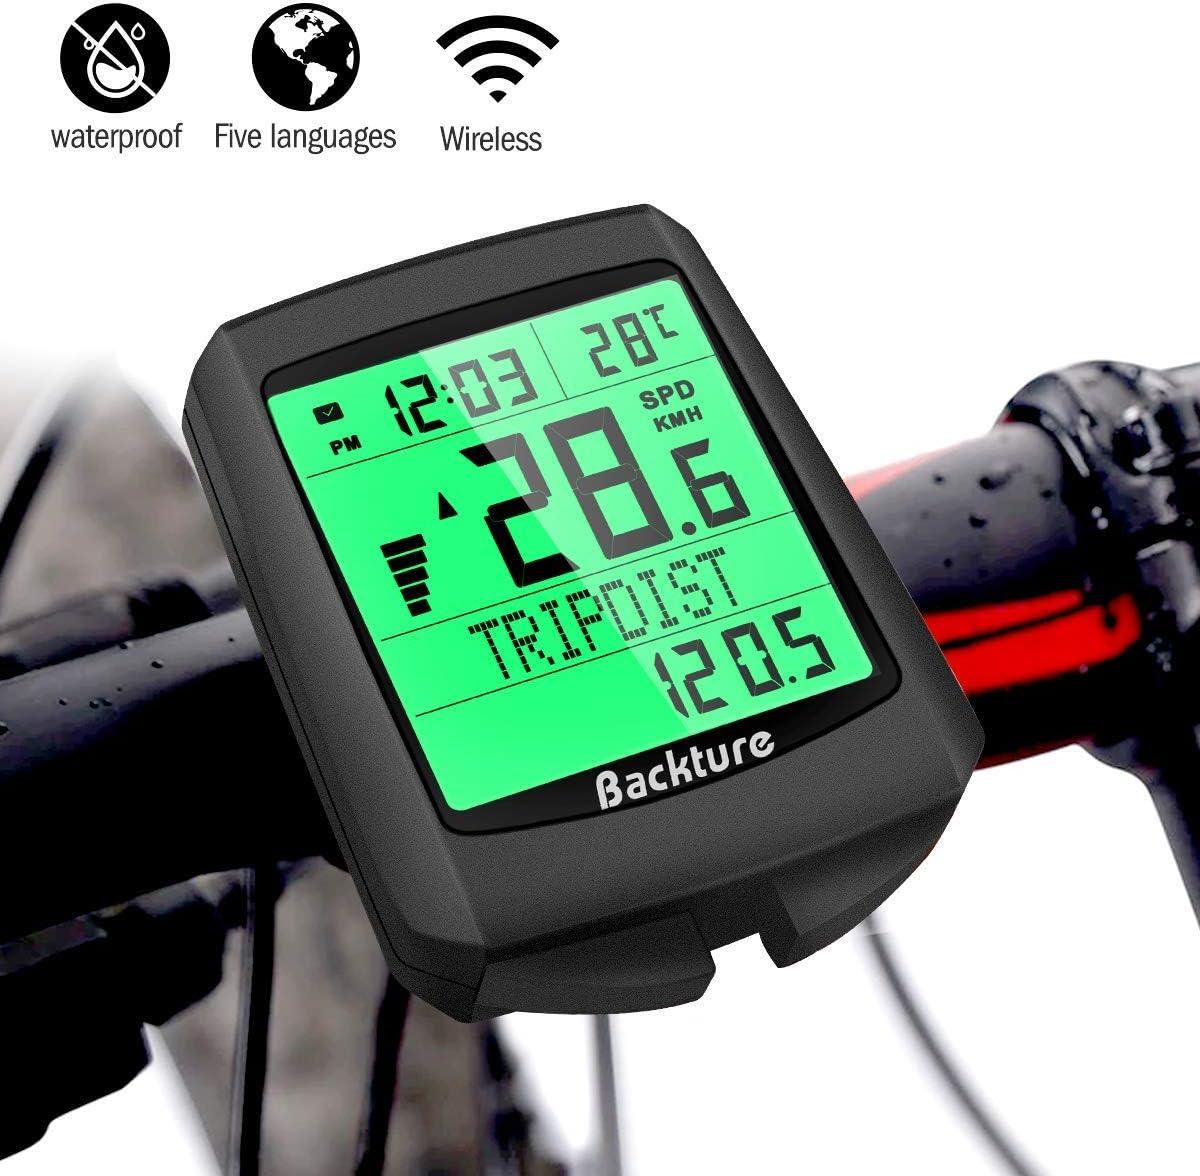 BACKTURE Cuentakilómetros para Bicicleta, 5 Idiomas Impermeable Computadora de Bicicleta, Velocímetro inalámbrico Bicicleta con Pantalla LCD de Retroiluminación para Ciclismo Speed Track Distancia: Amazon.es: Deportes y aire libre